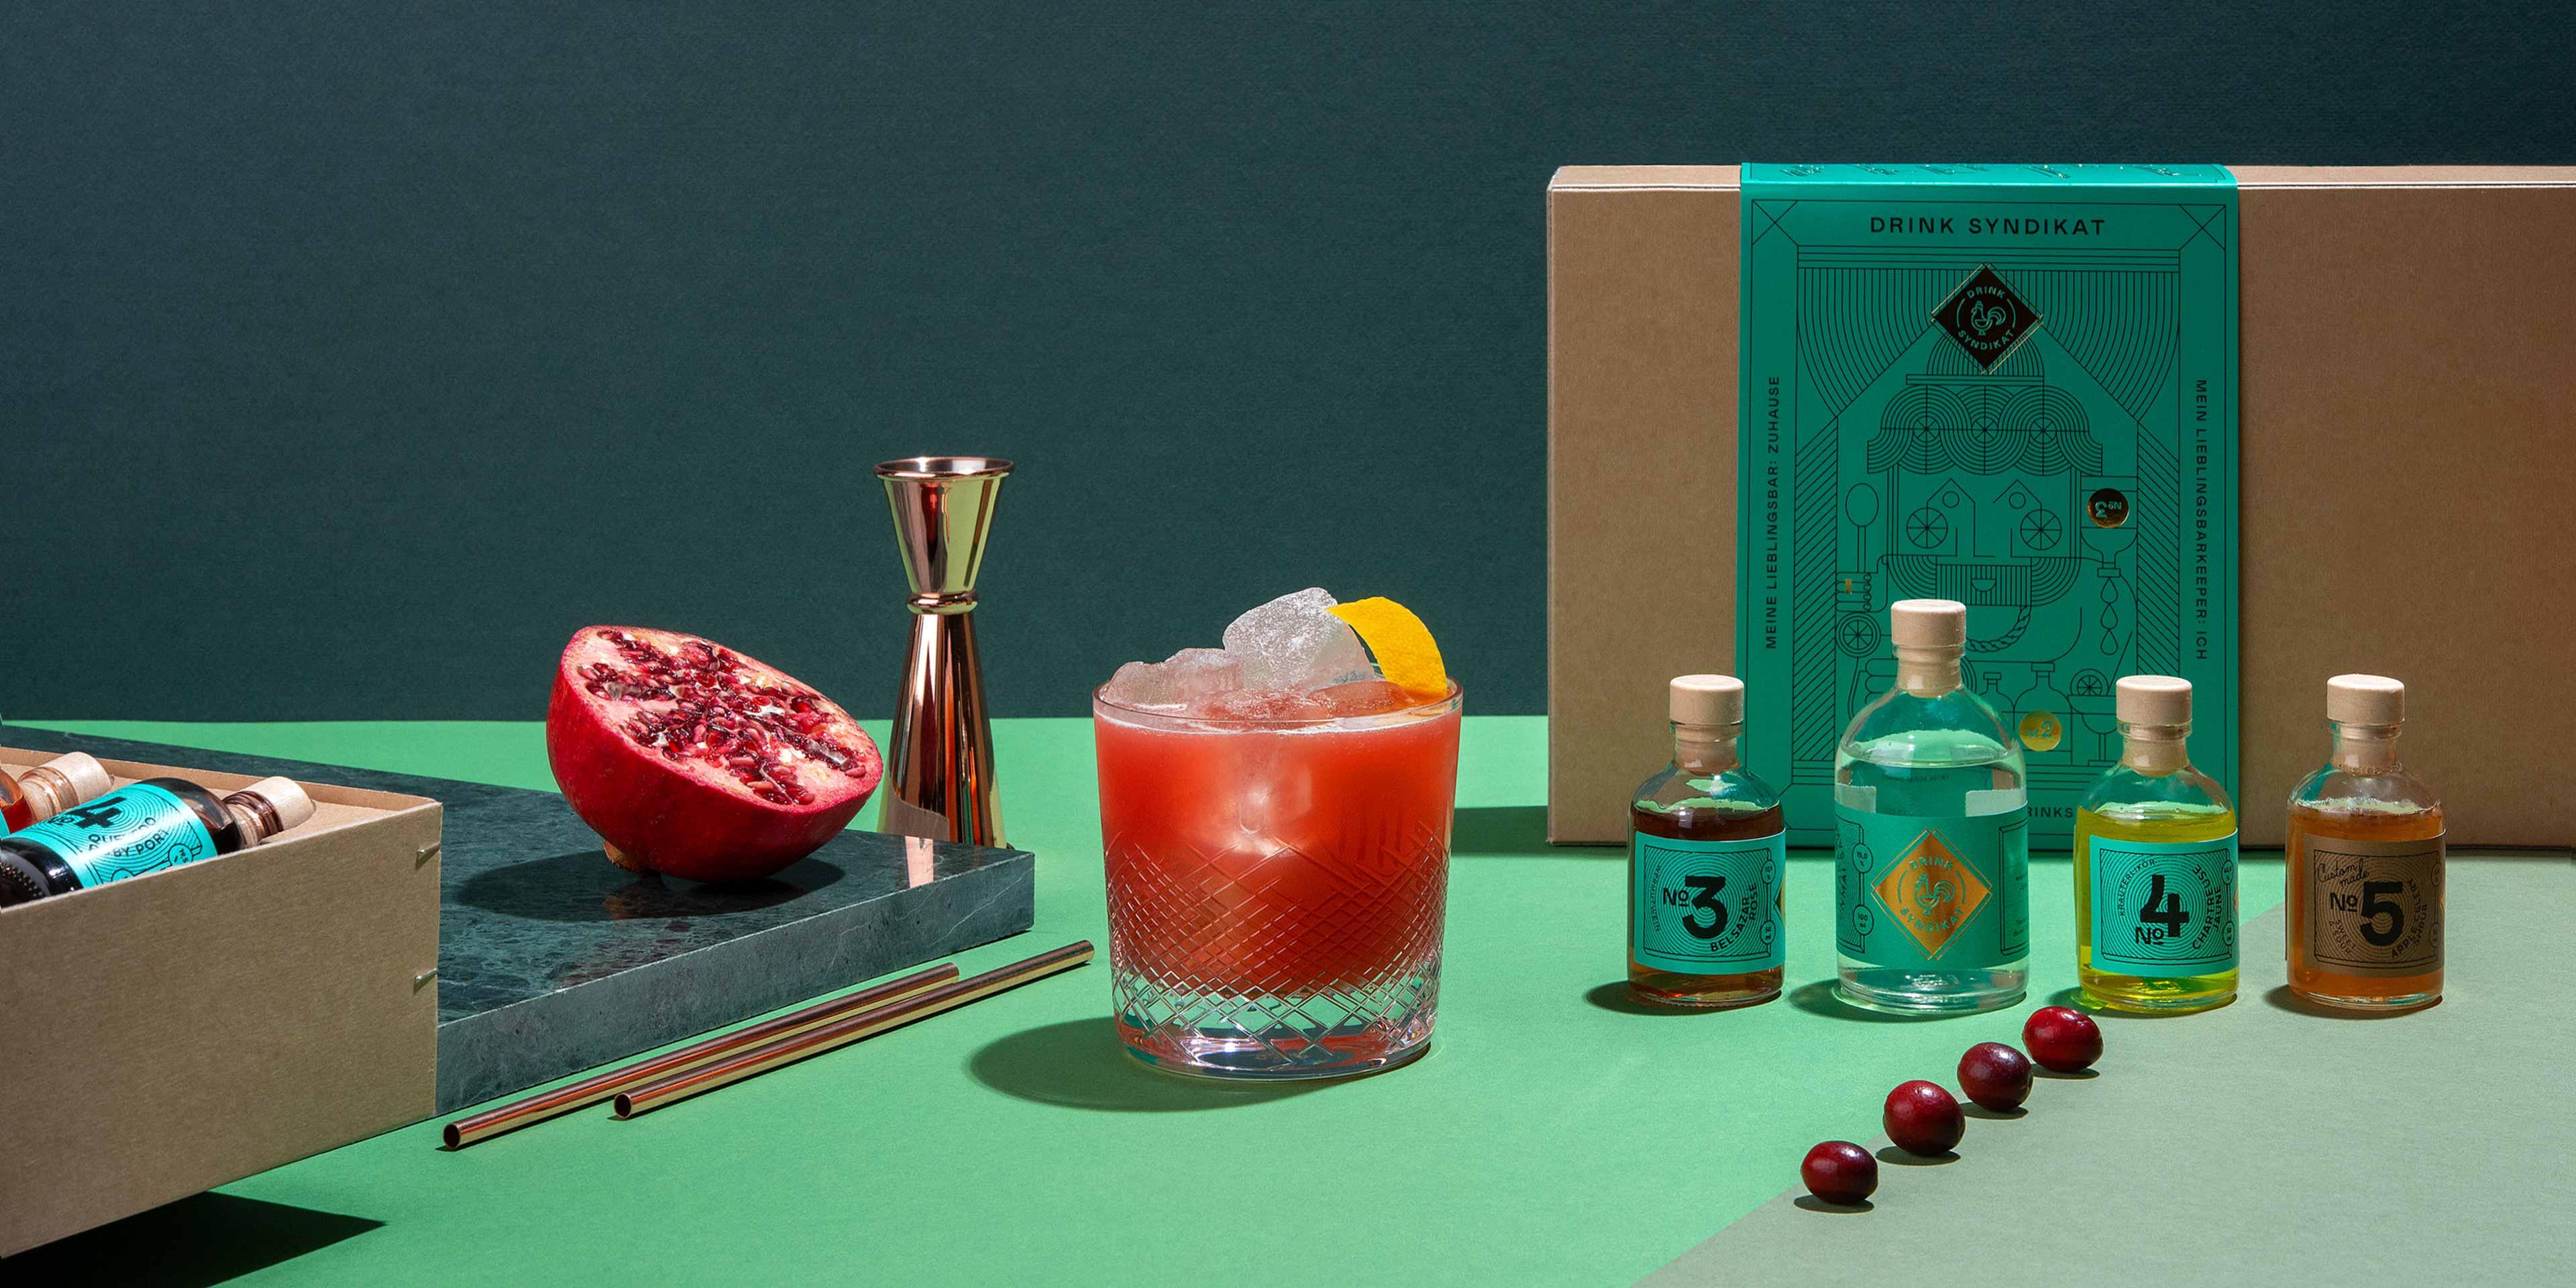 Geschenkset zum Cocktails selber machen zuhause. Drink Syndikat - Die Meisterwerke der Barszene für zuhause.